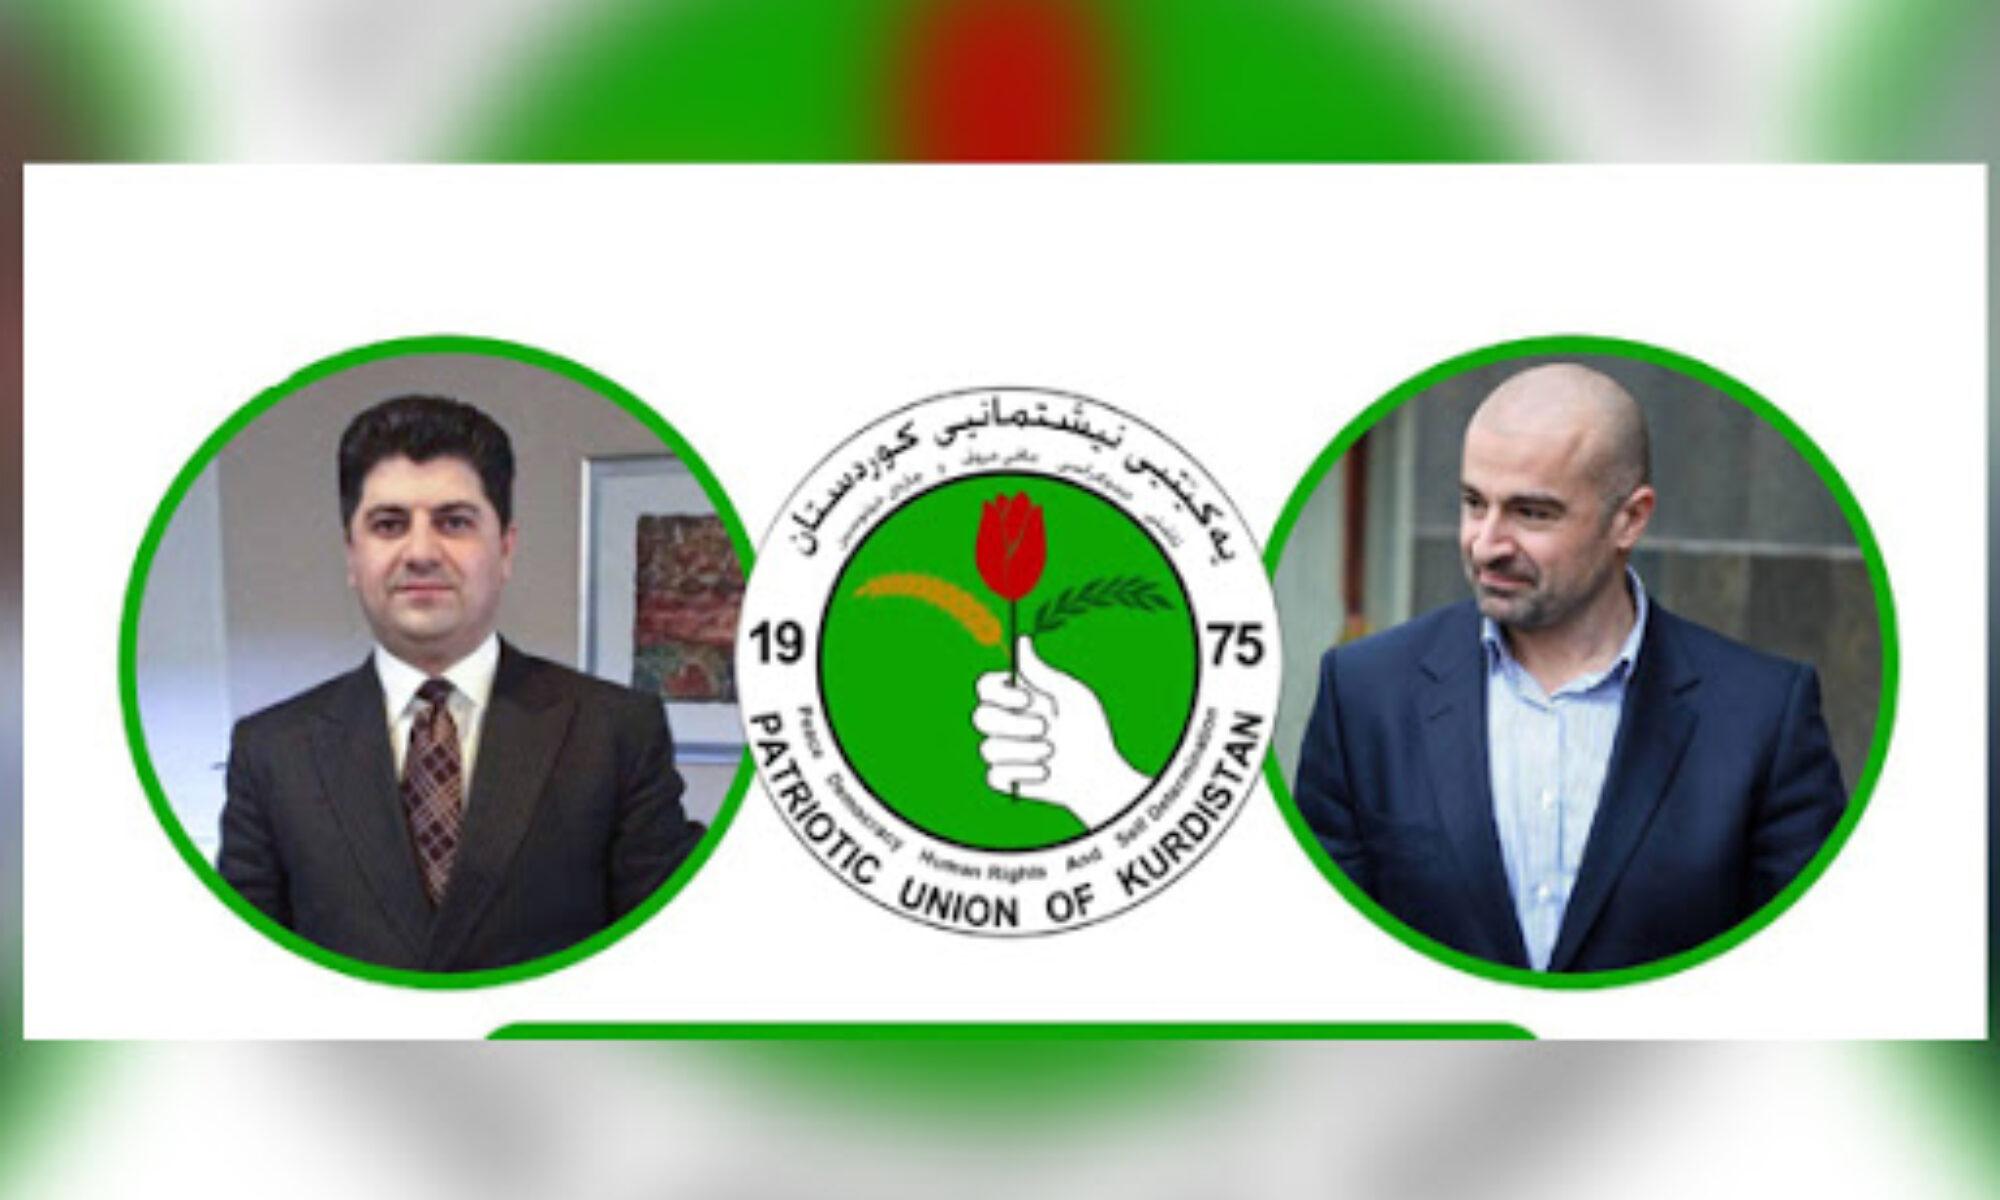 YNK'de Eş Başkanılk kalktı mı? Lahor Cengi, Bafil Talabani, Zanyarı, Kubard Talabani